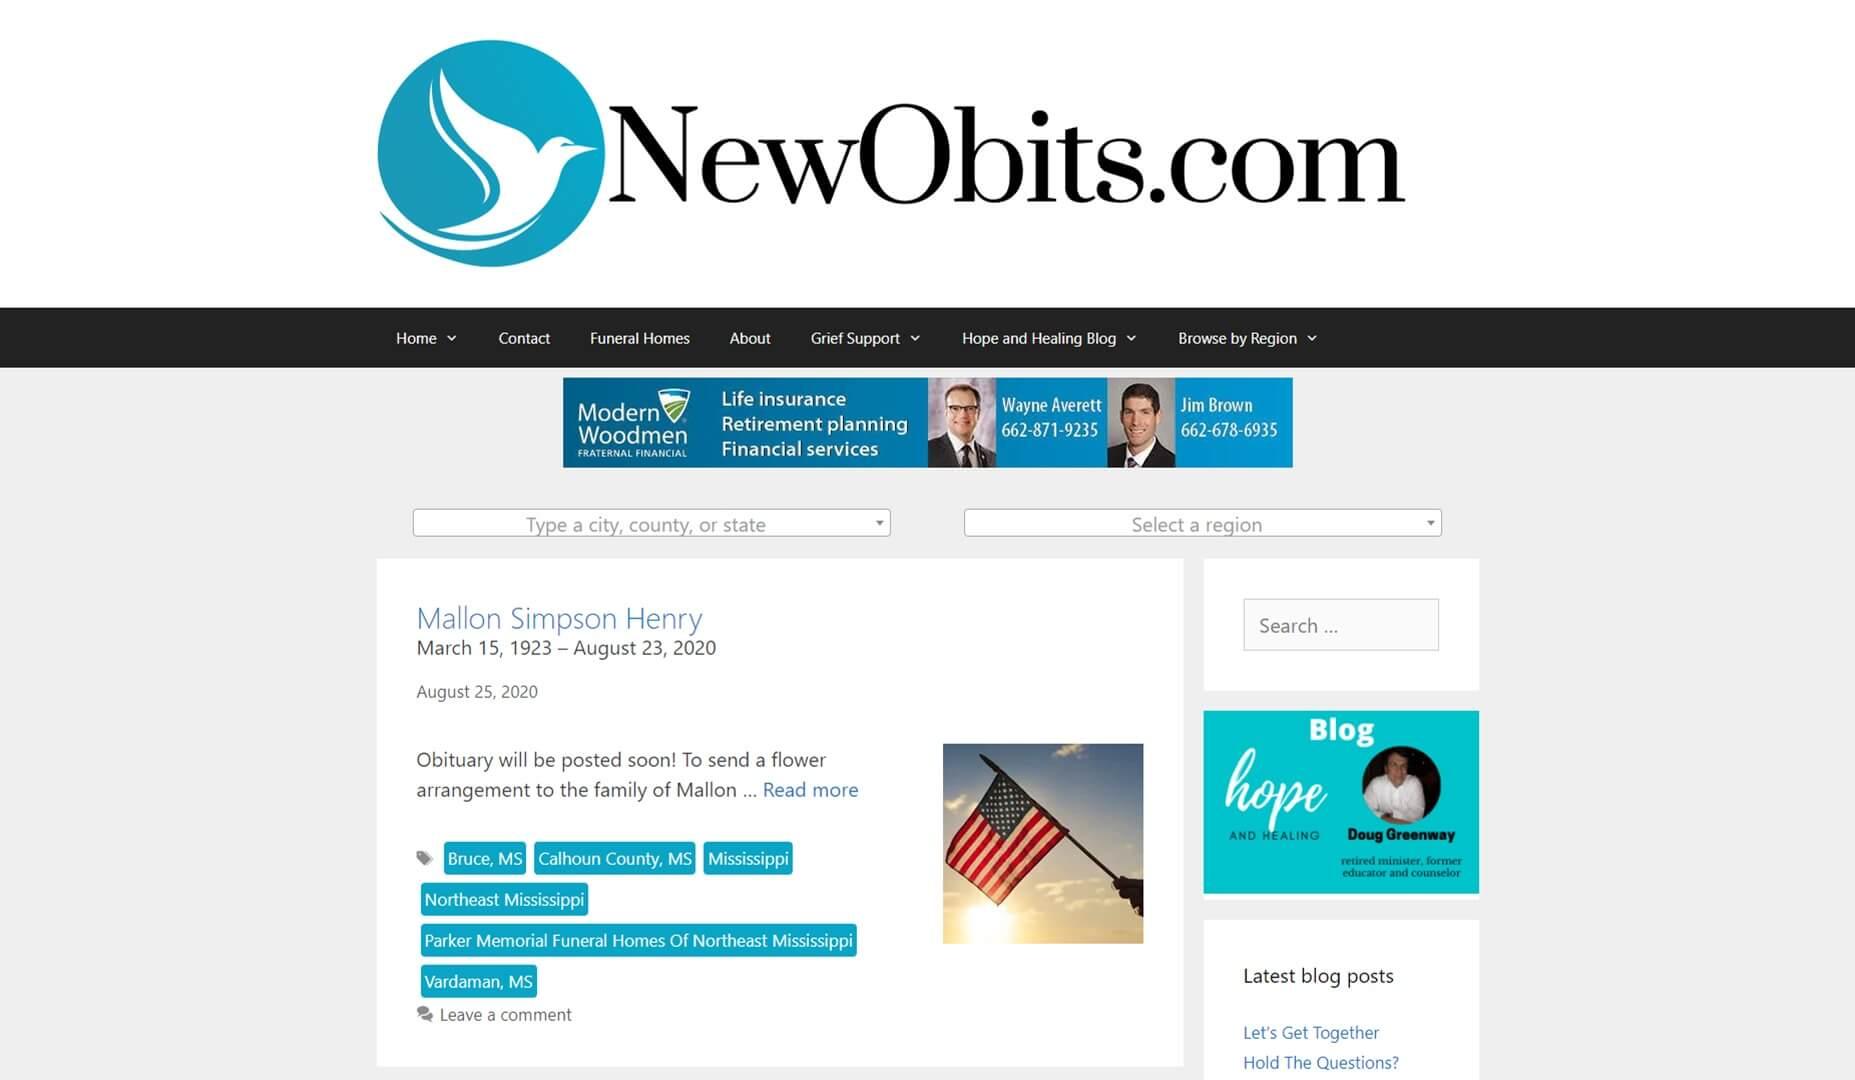 newobits